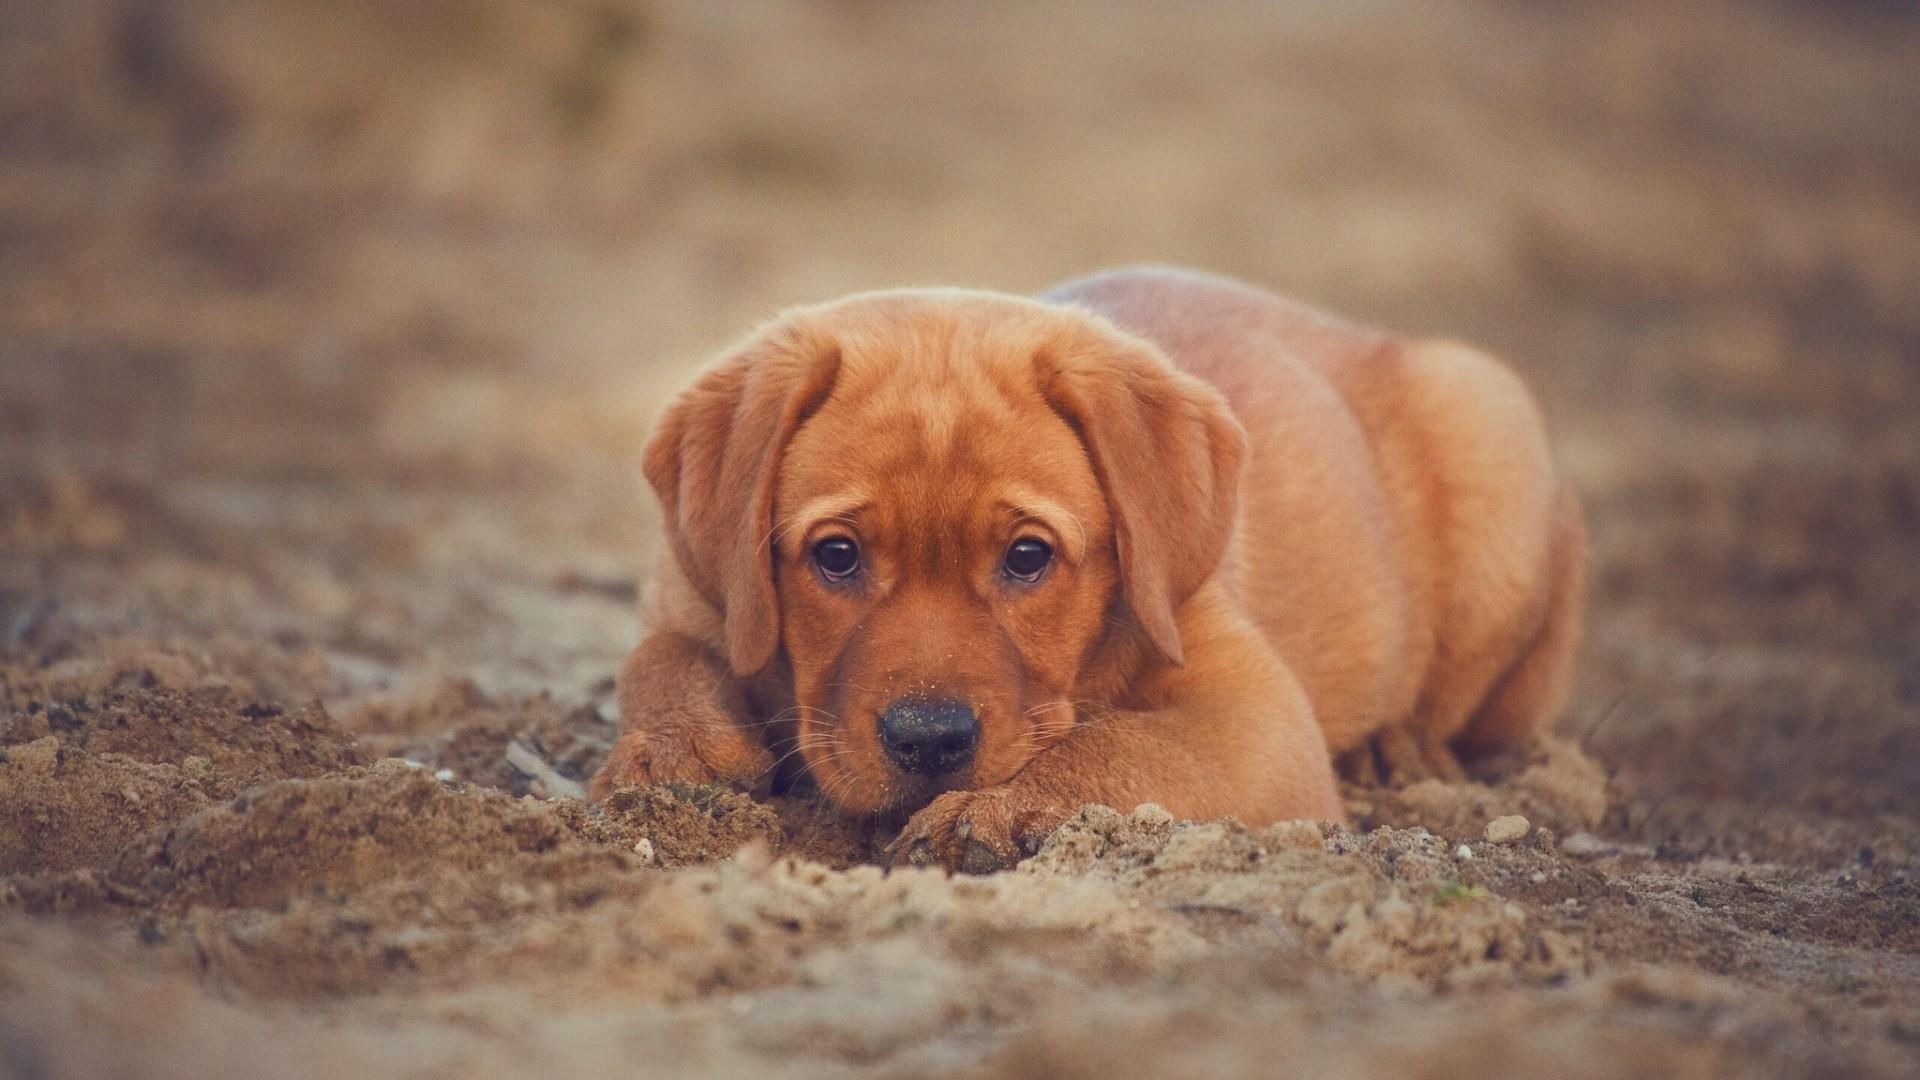 Wallpaper retriever, labrador, dog, puppy